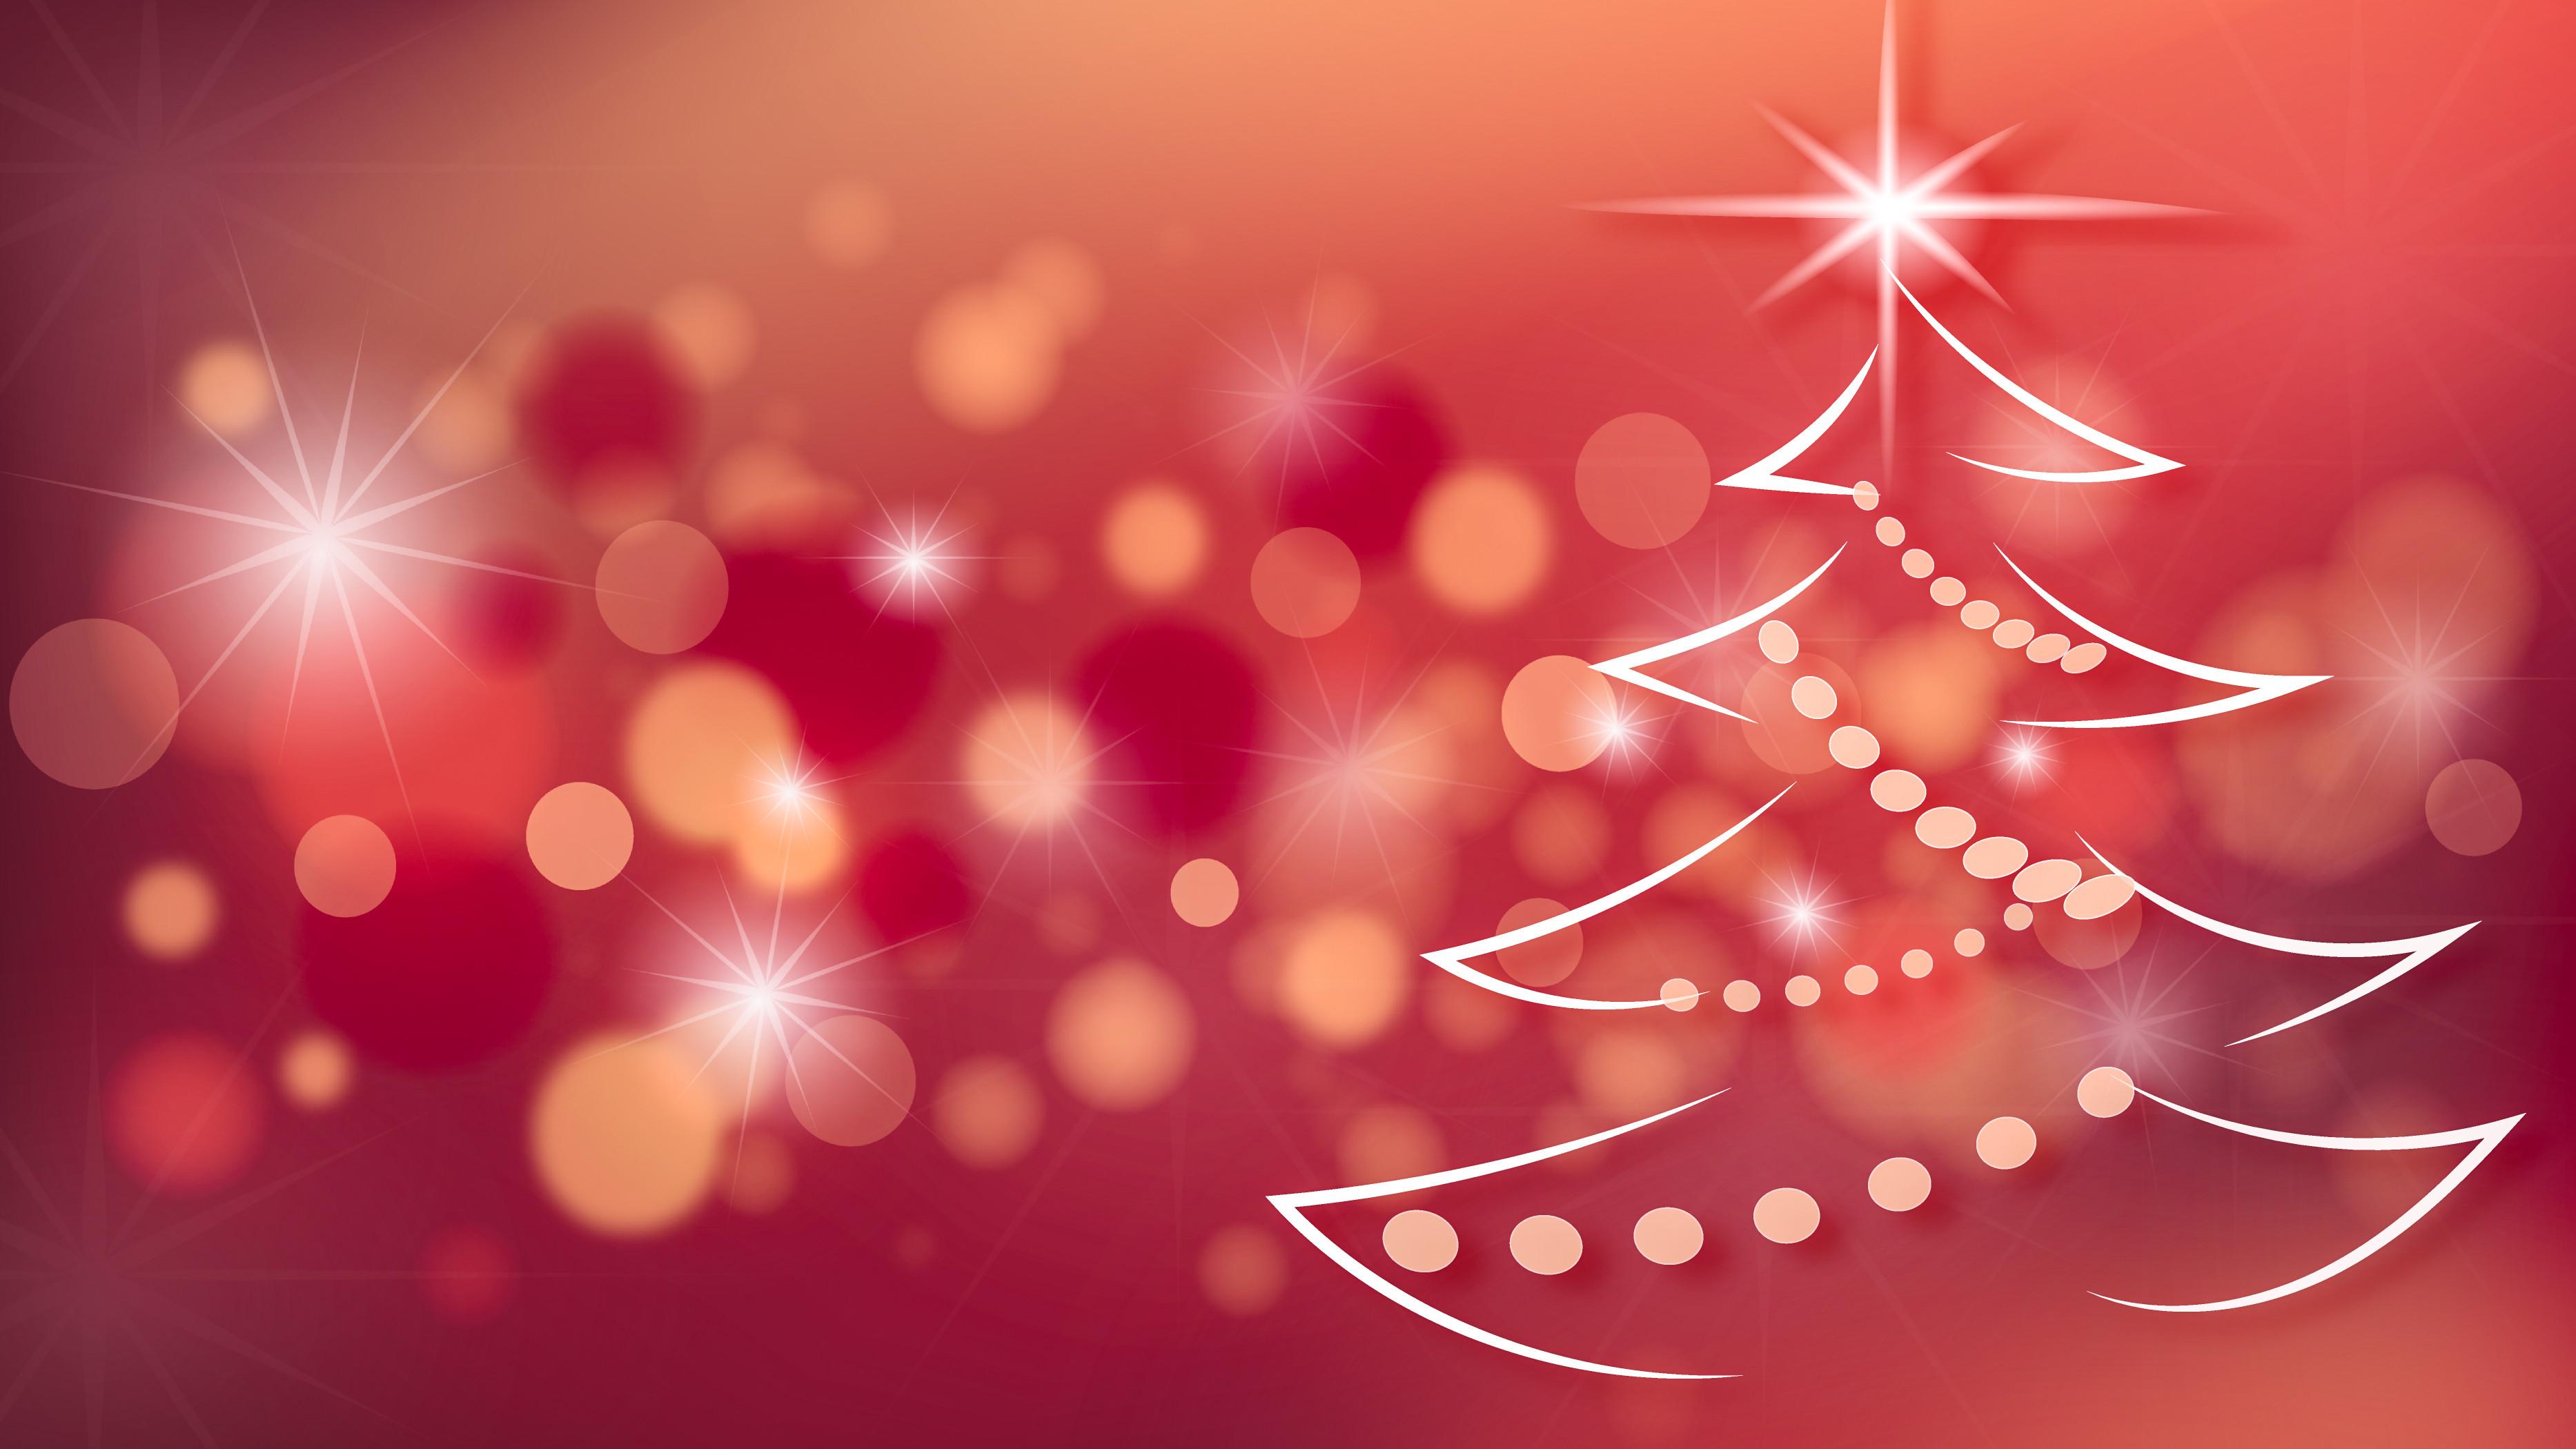 Glitter Christmas Wallpaper (57+ images)